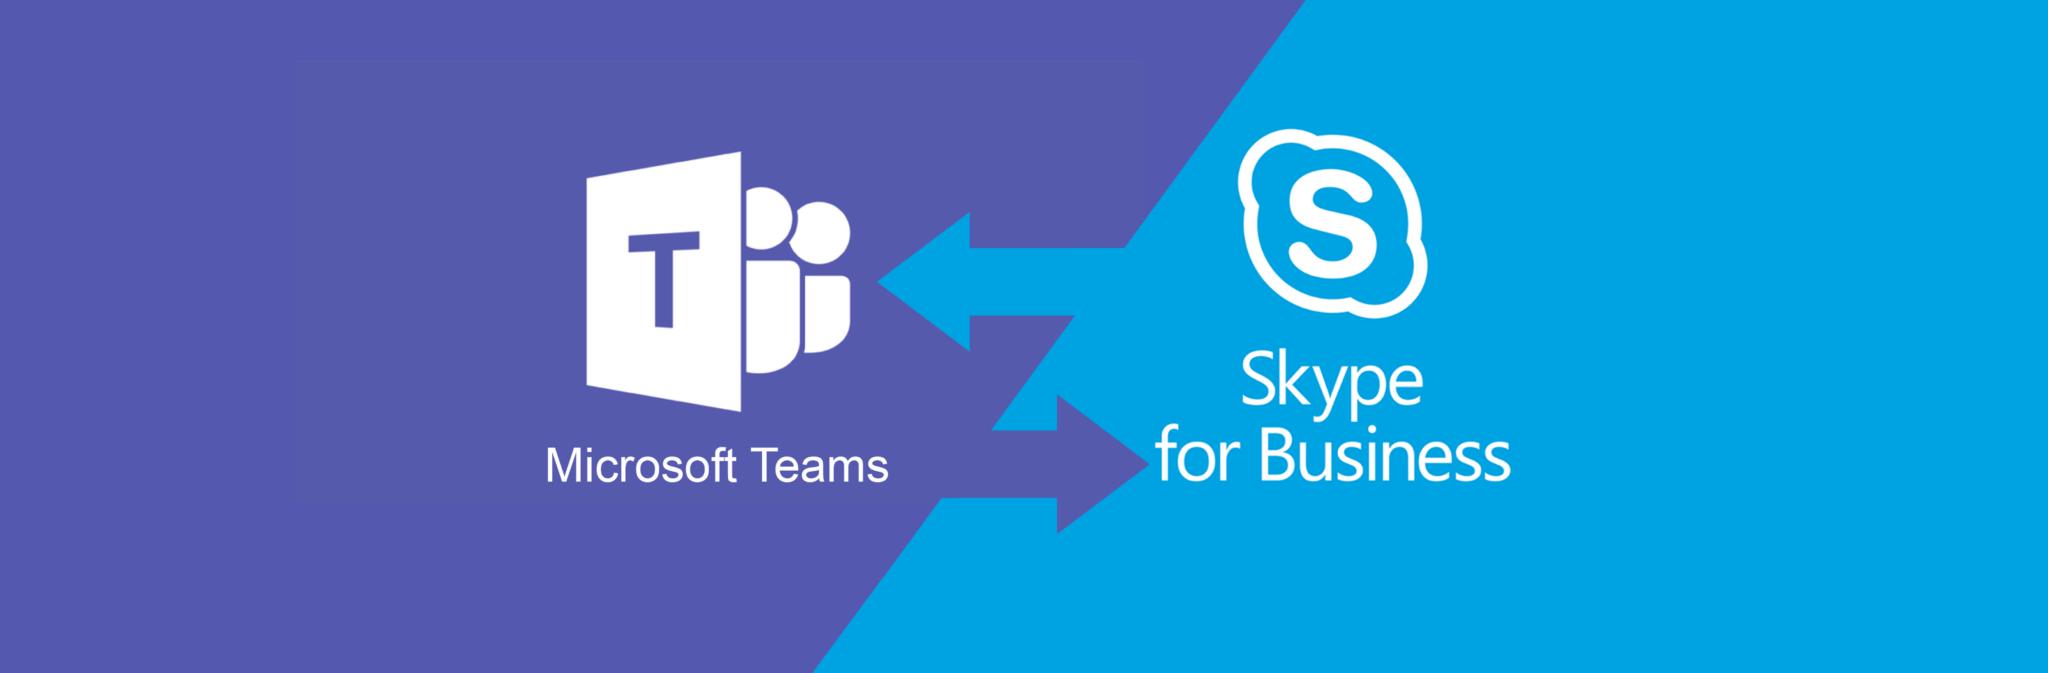 SkypeOrTeams